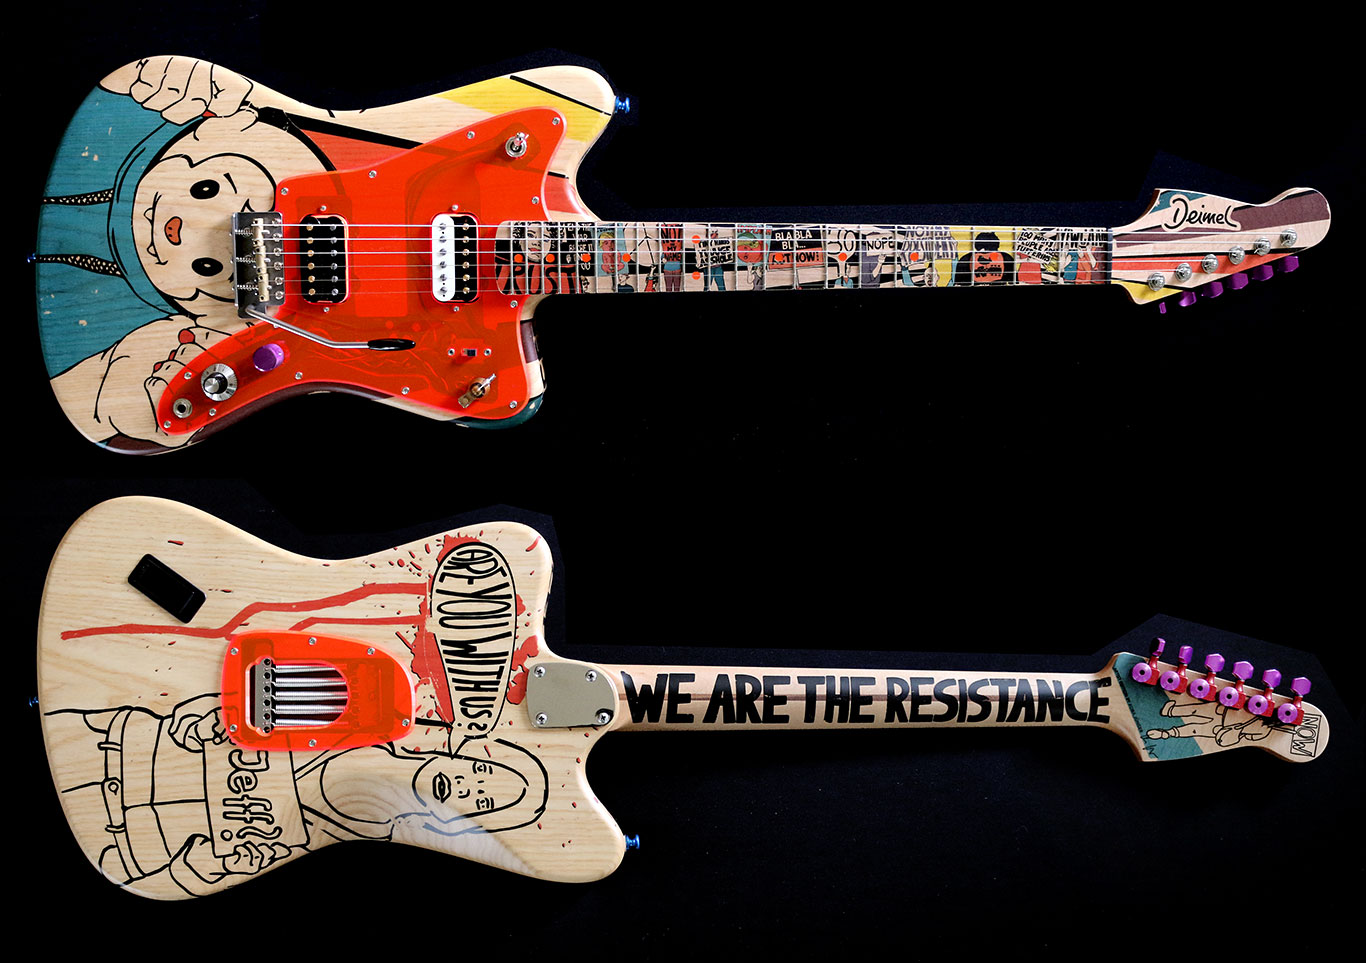 Deimel Firestar Artist Edition »Resistance«